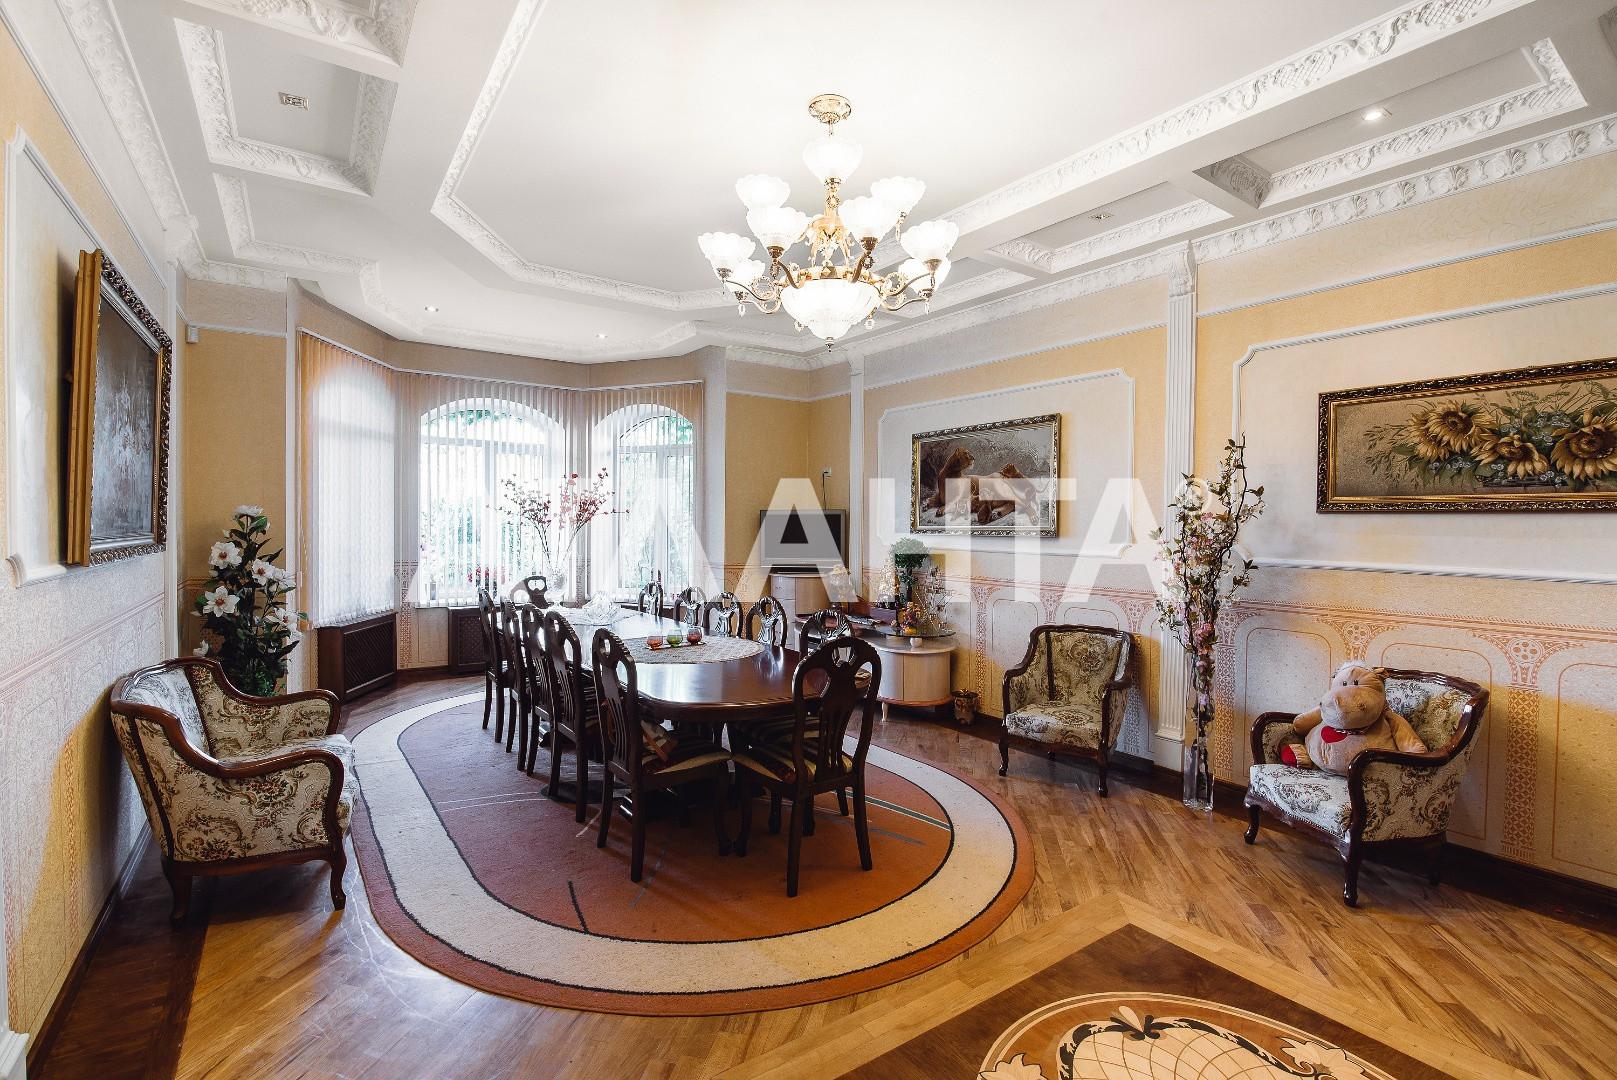 Продается Дом на ул. Аркадиевский Пер. — 1 300 000 у.е. (фото №9)